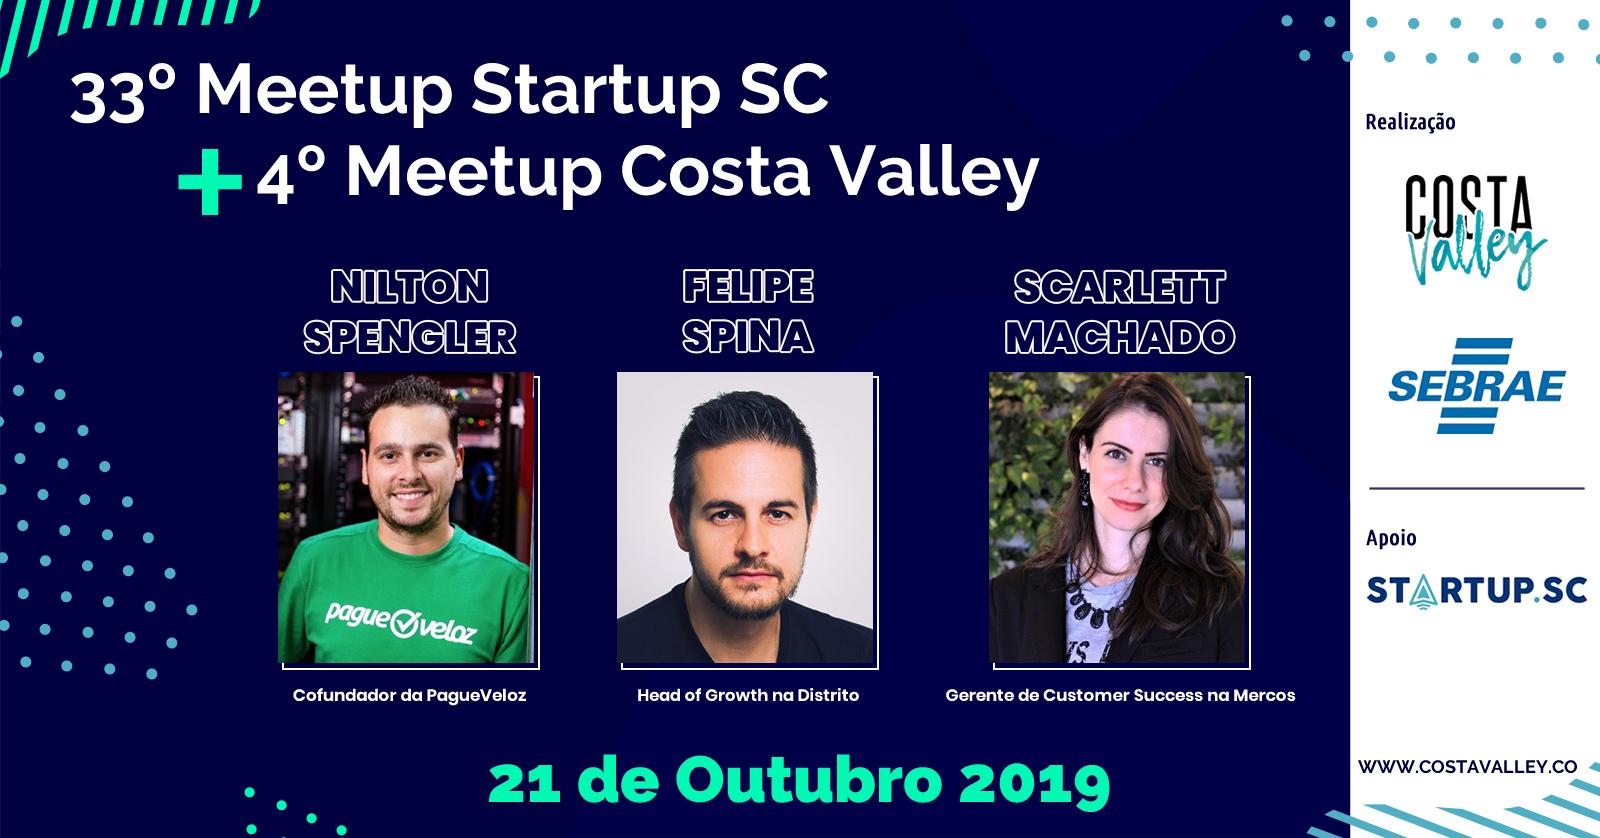 Resultado de imagem para 33º Meetup StartupSC + 4º Meetup Costa Valley